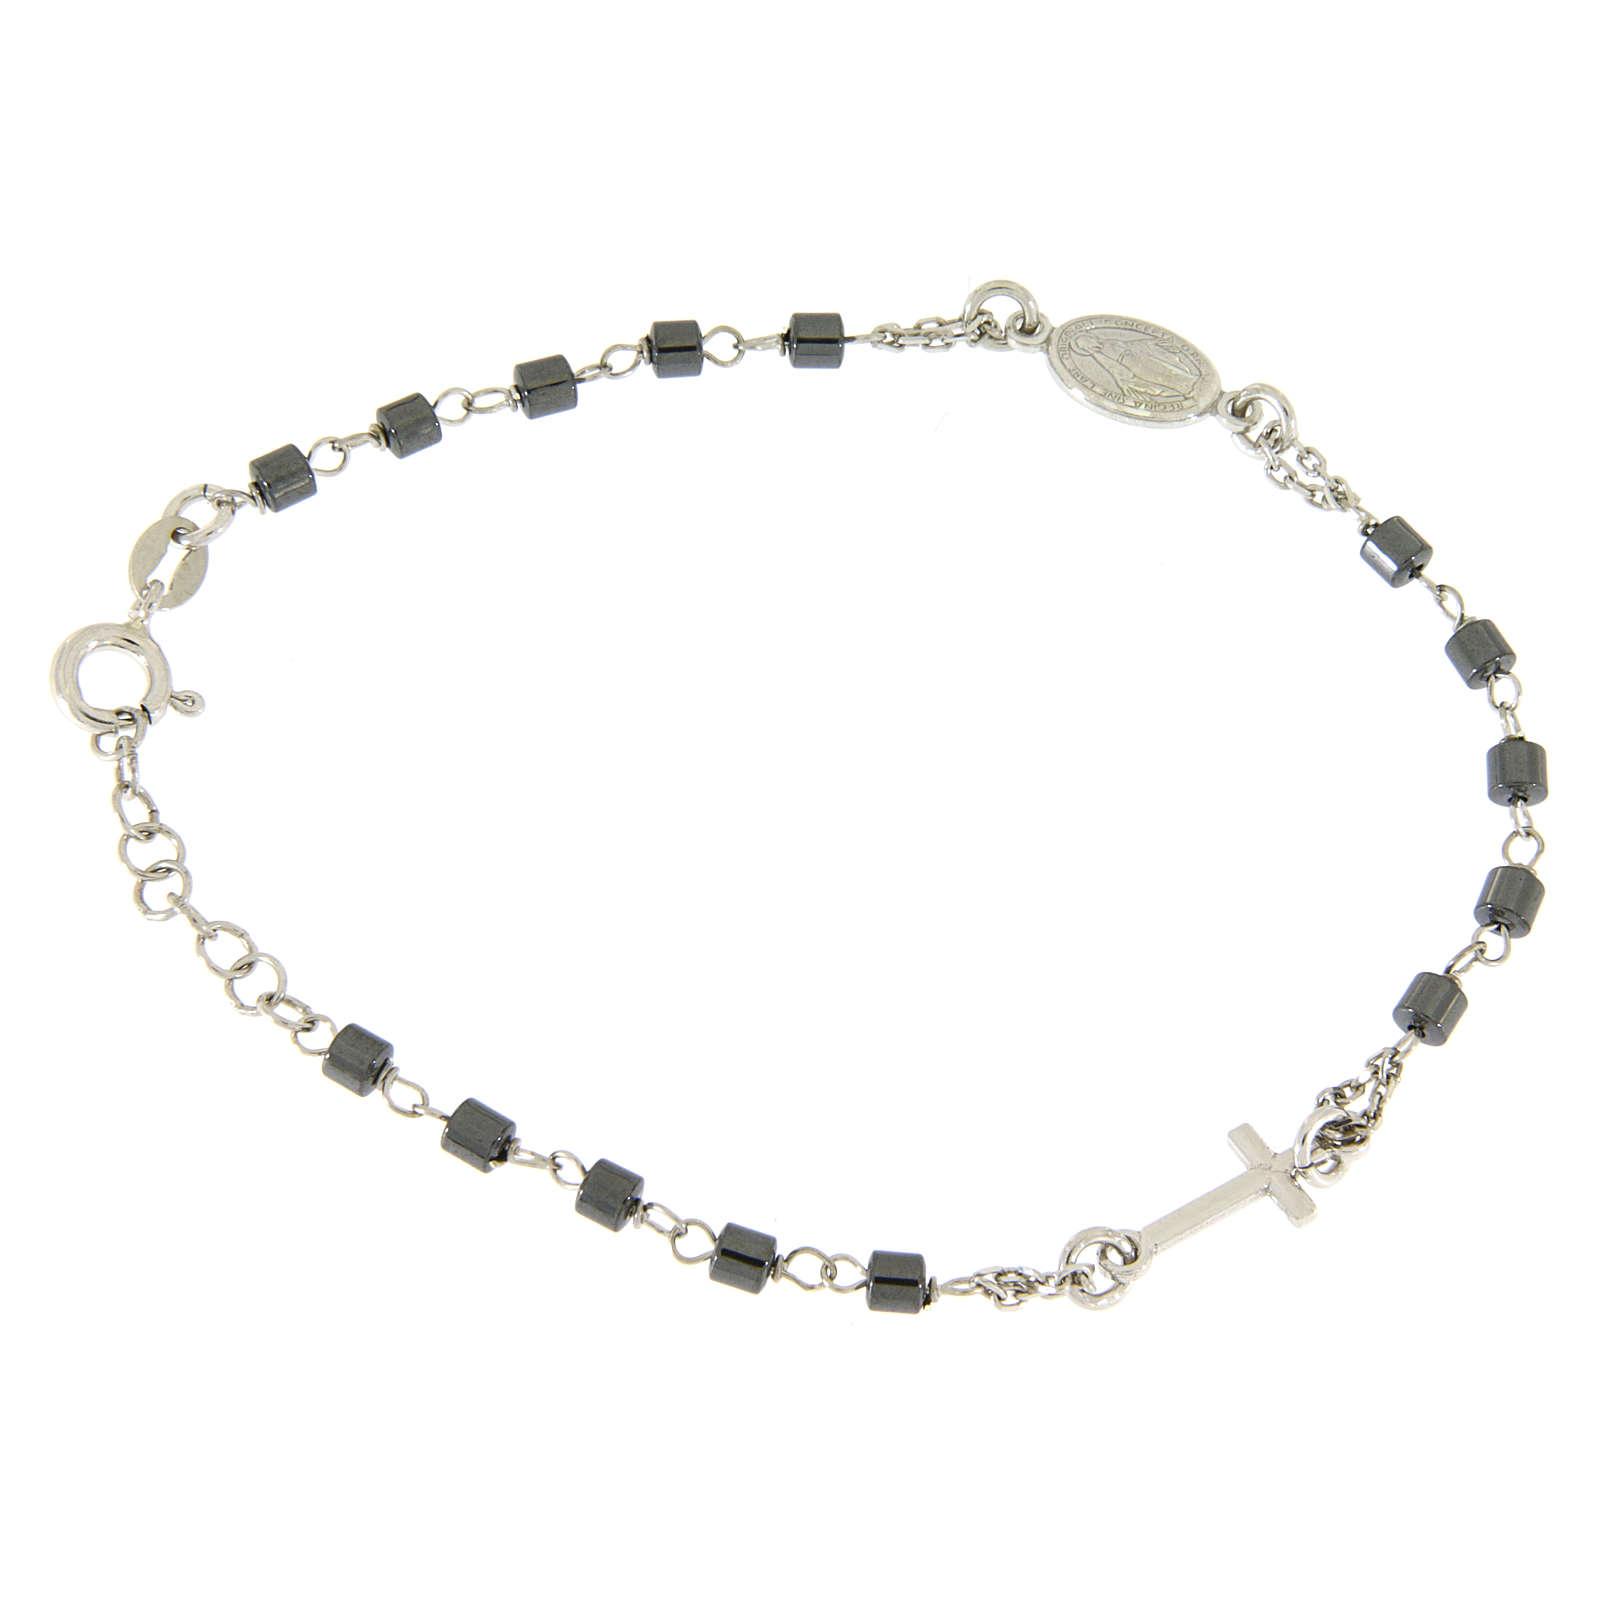 Bracciale rosario silver e sfere cilindriche ematite 4